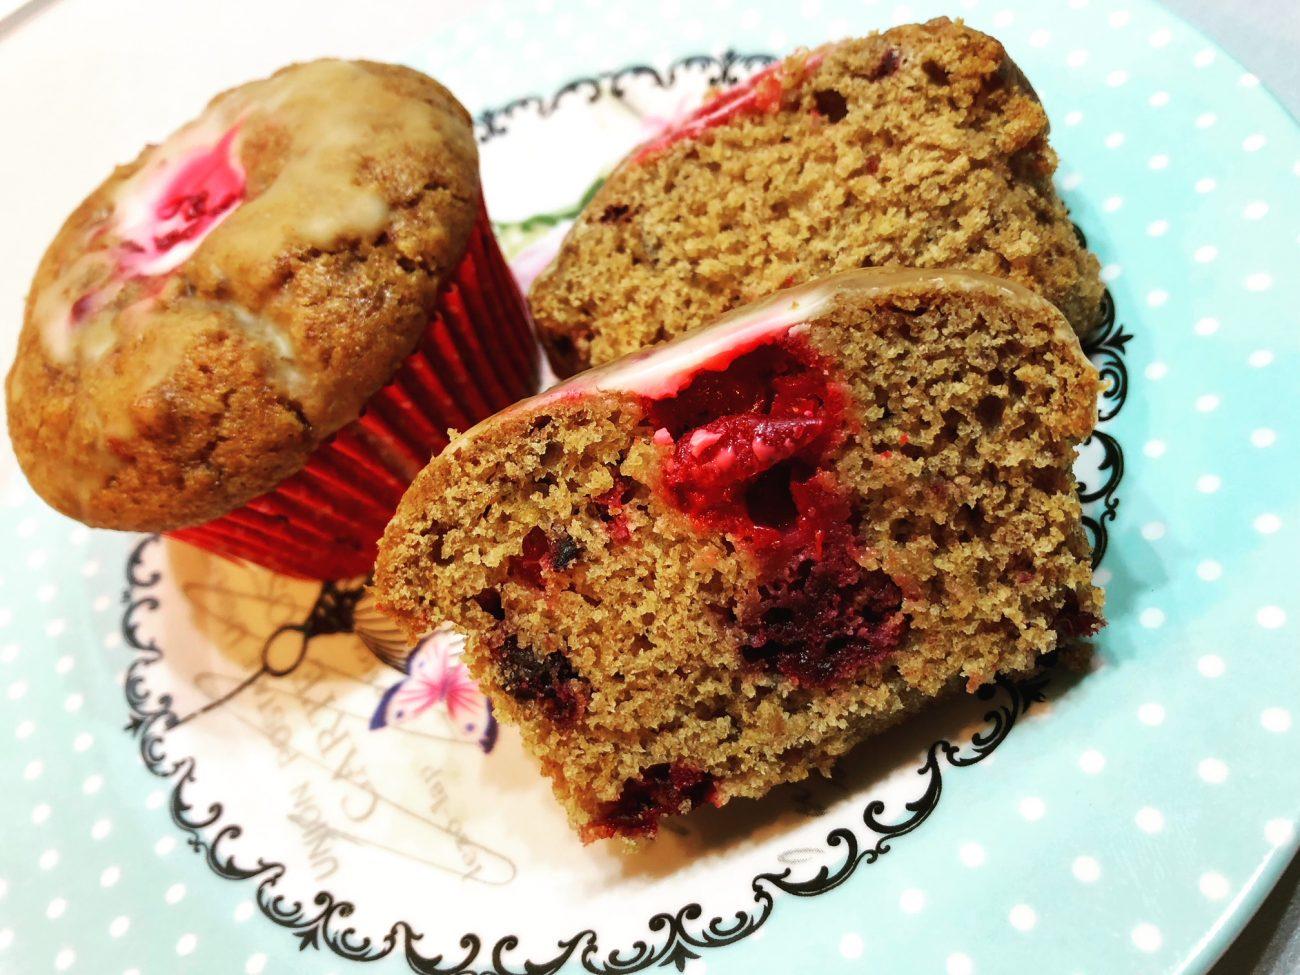 Κέικ ή muffins με φρούτα του δάσους